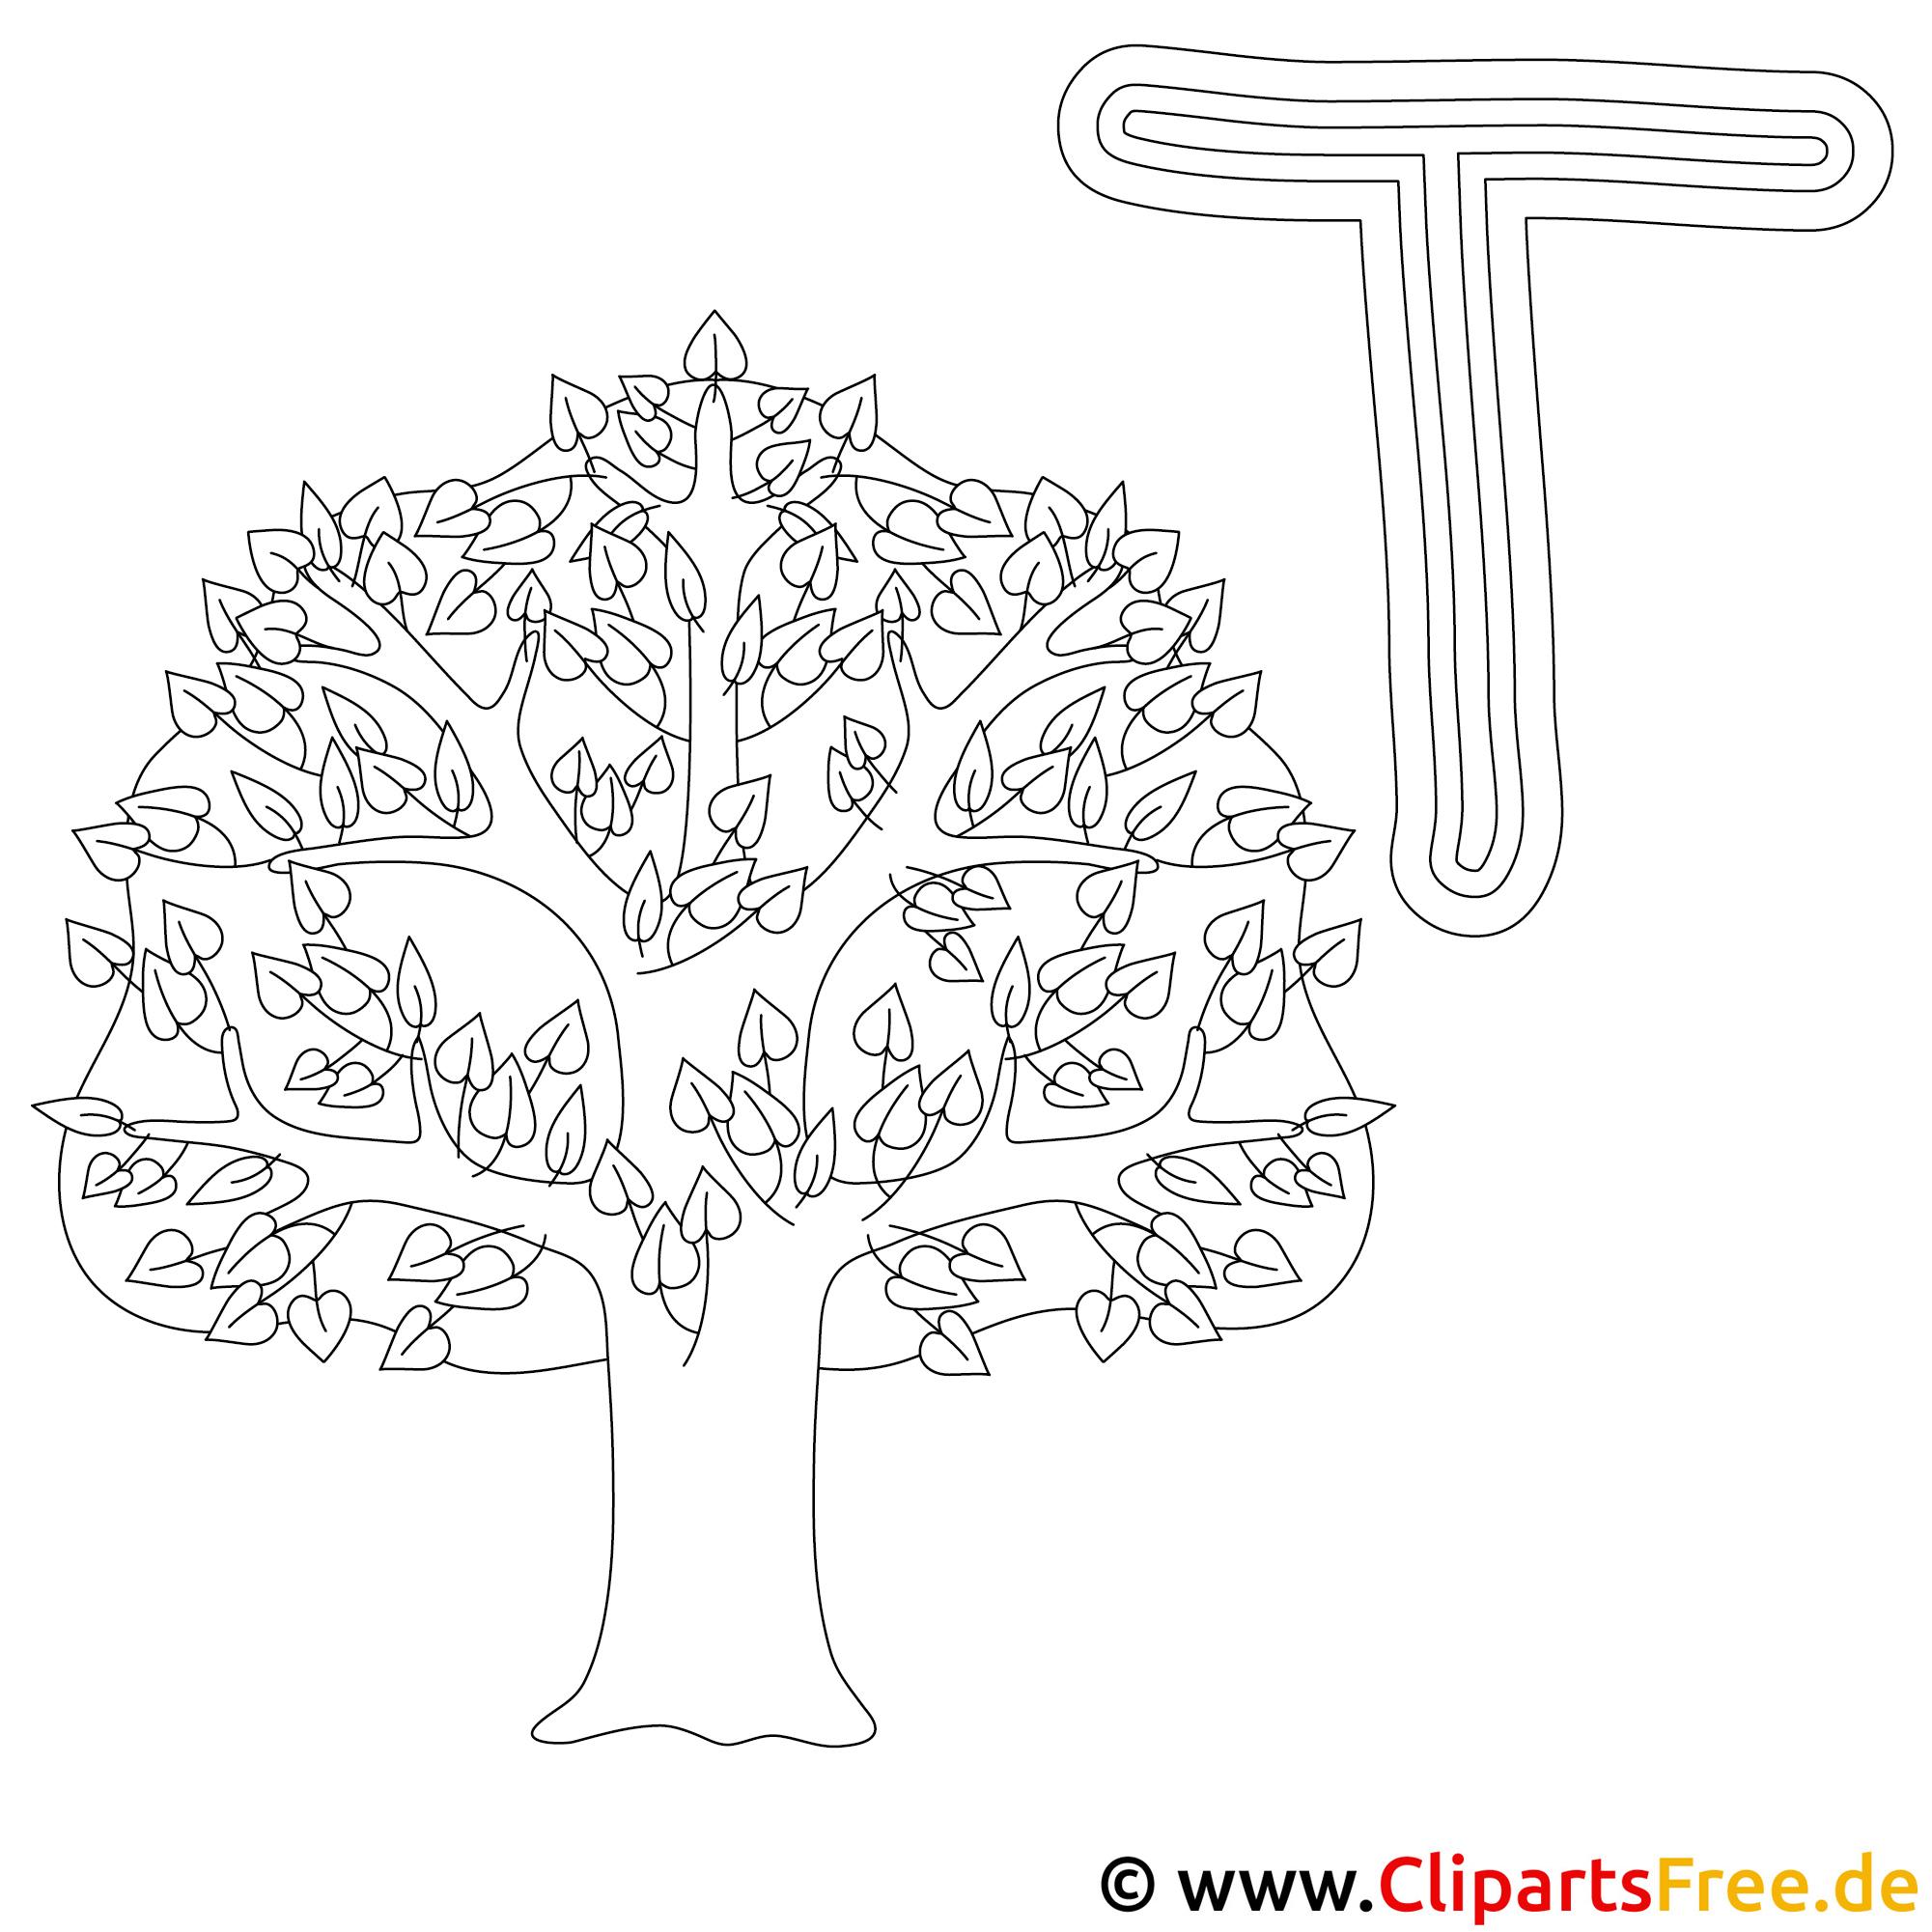 Tree - Buchstaben Vorlagen zum Ausmalen